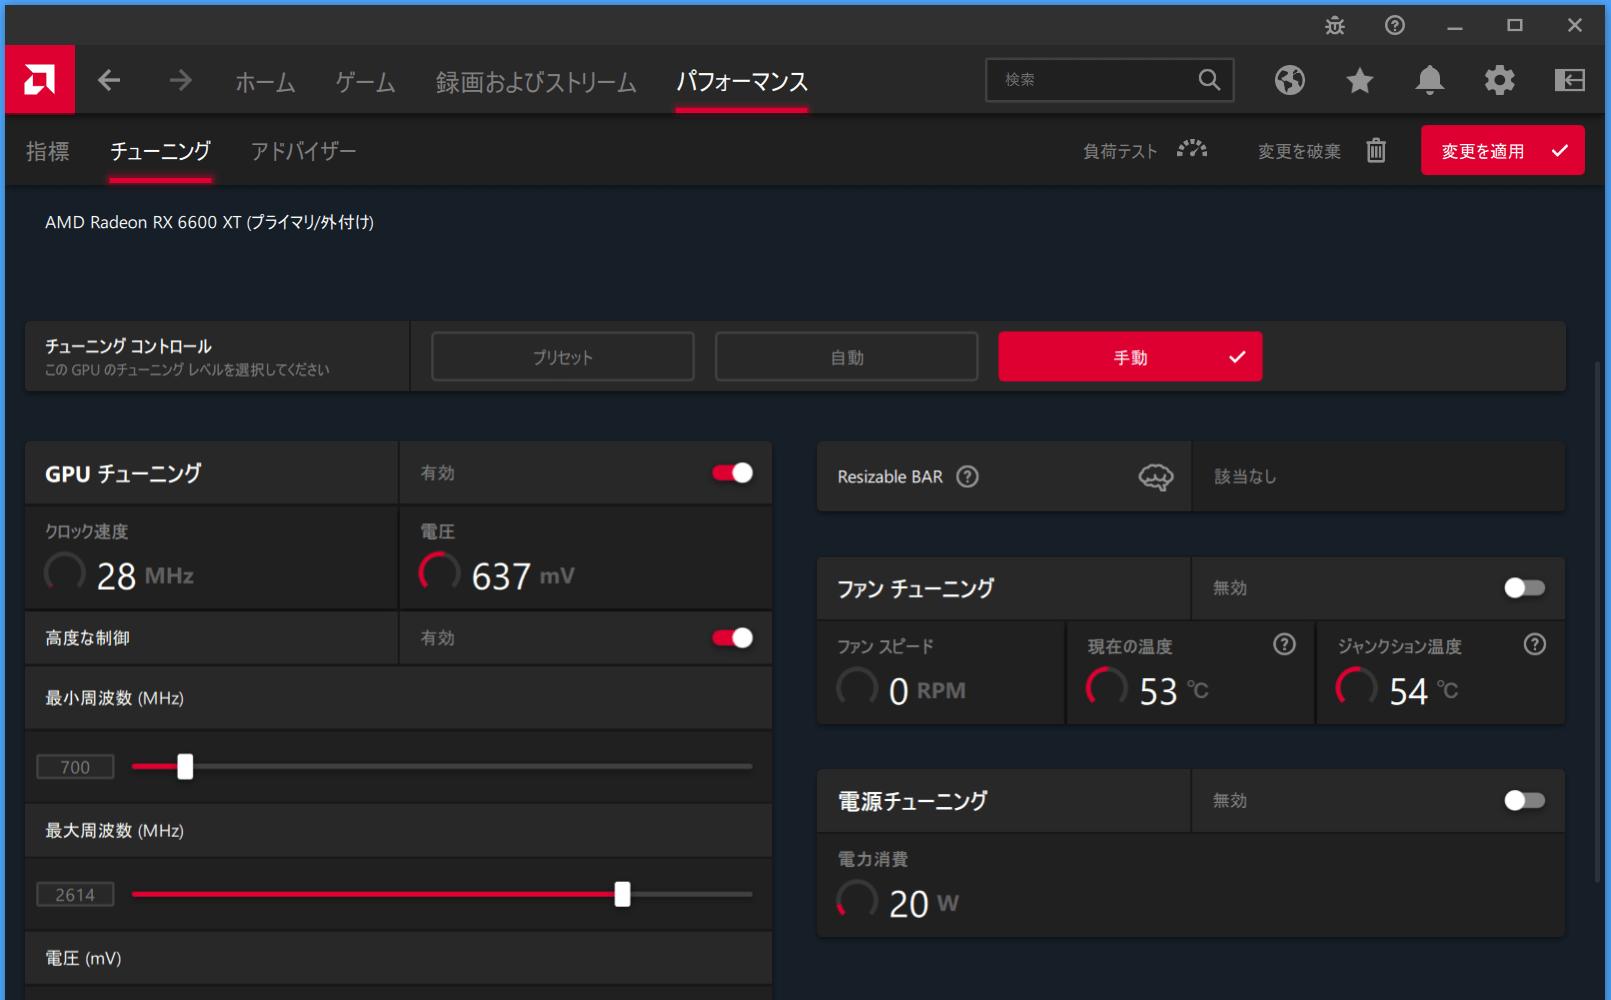 Radeon RX 6600 XT_Radeon-Setting_4_GPU-Clock